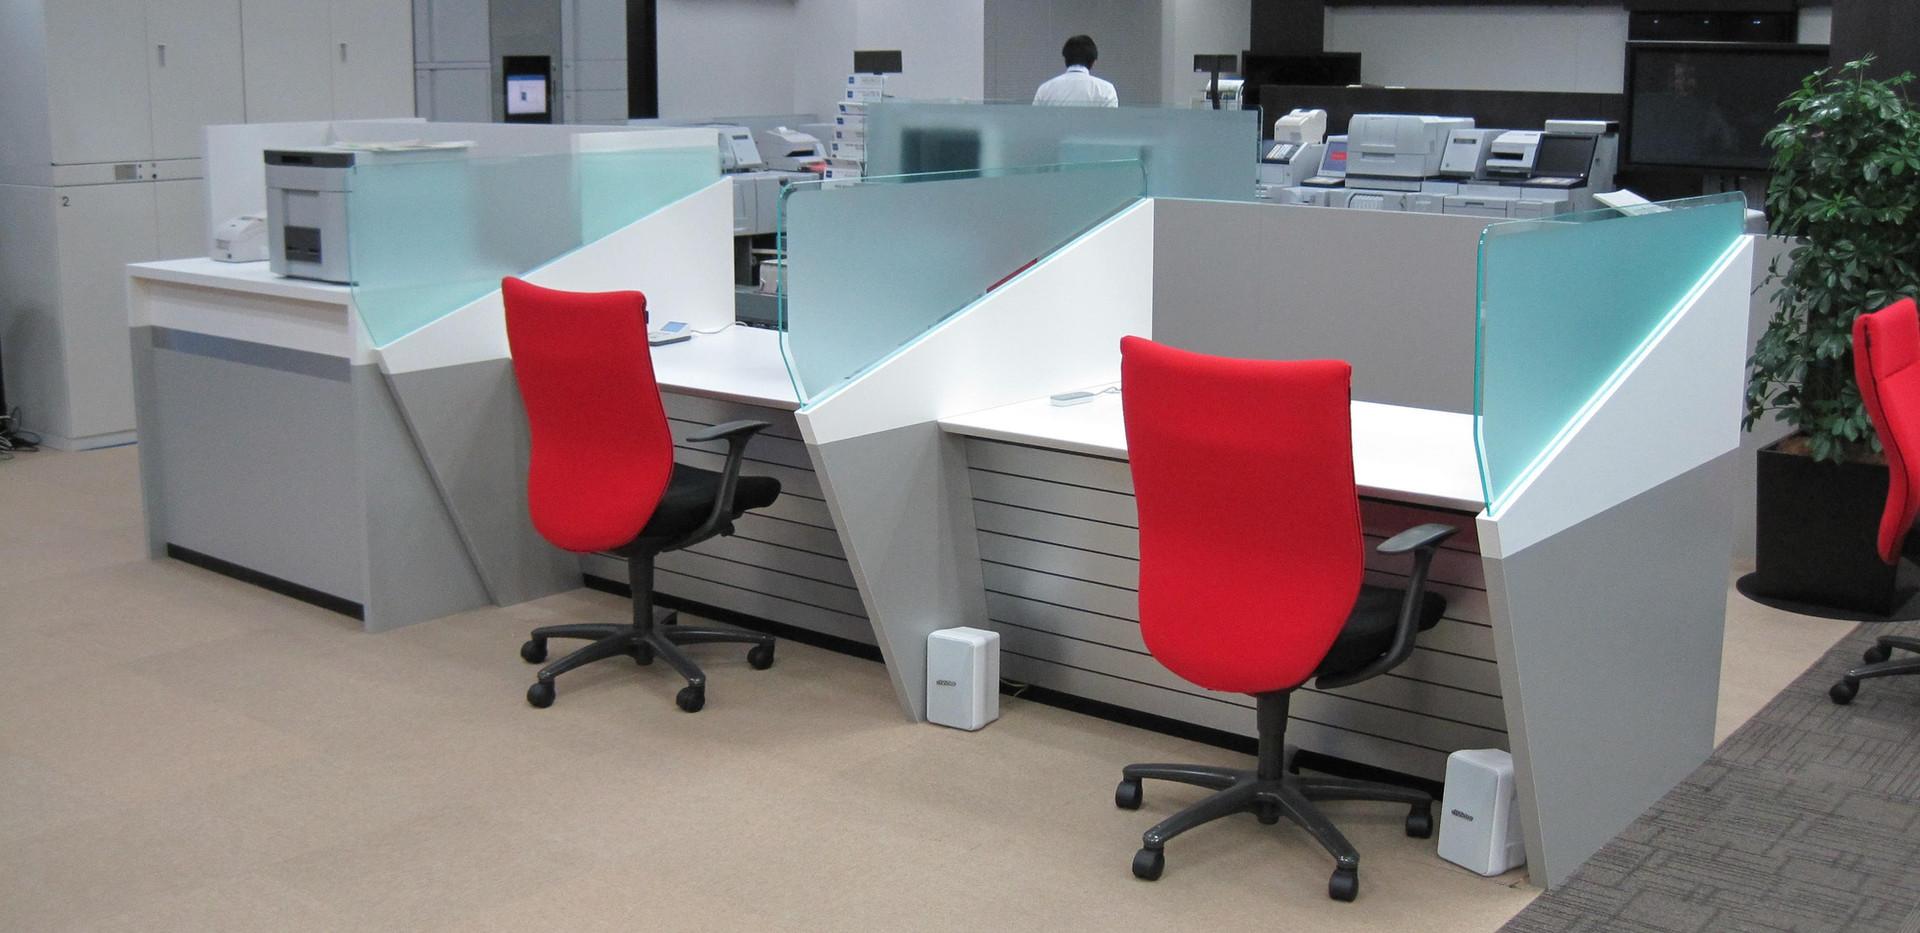 201212_オフィス2.JPG.jpg